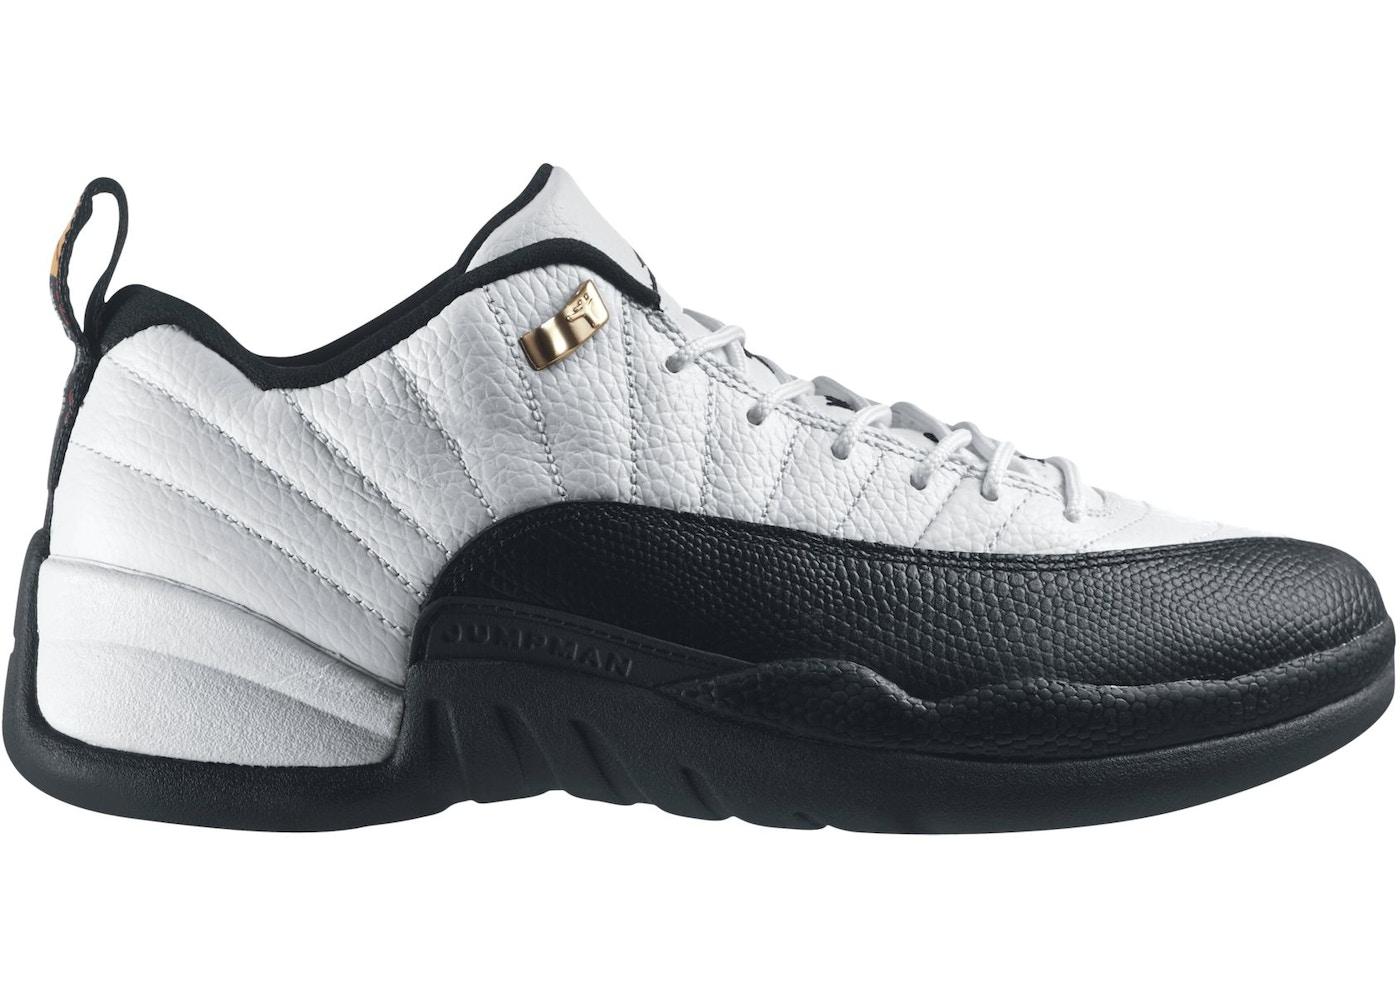 8d8f50b4cf77 Air Jordan 12 Shoes - Price Premium